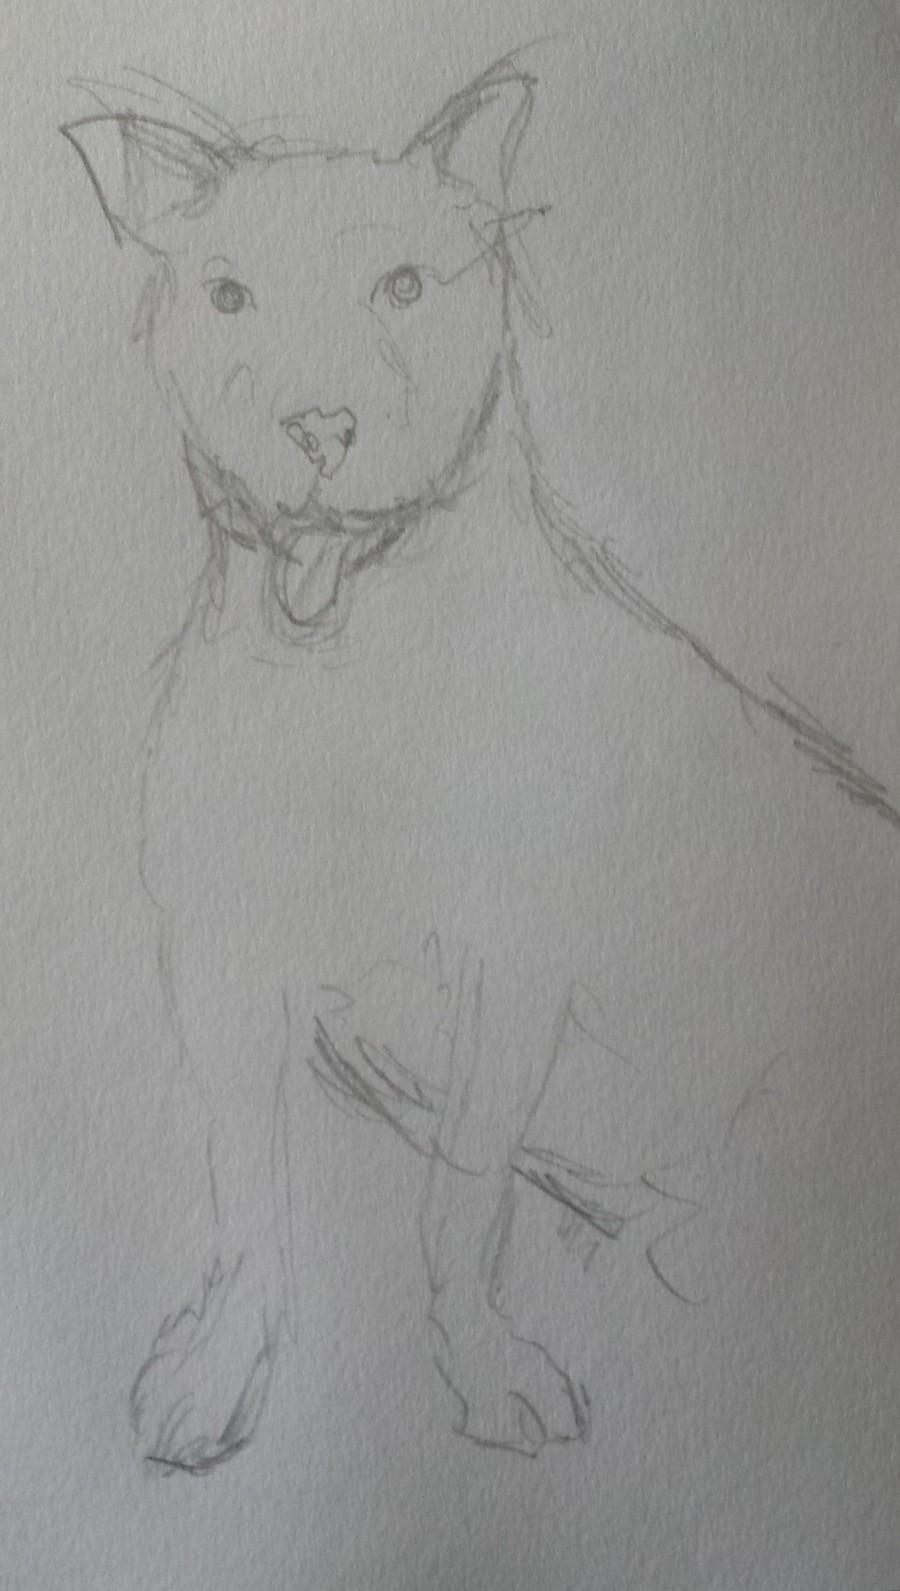 Sketch 167